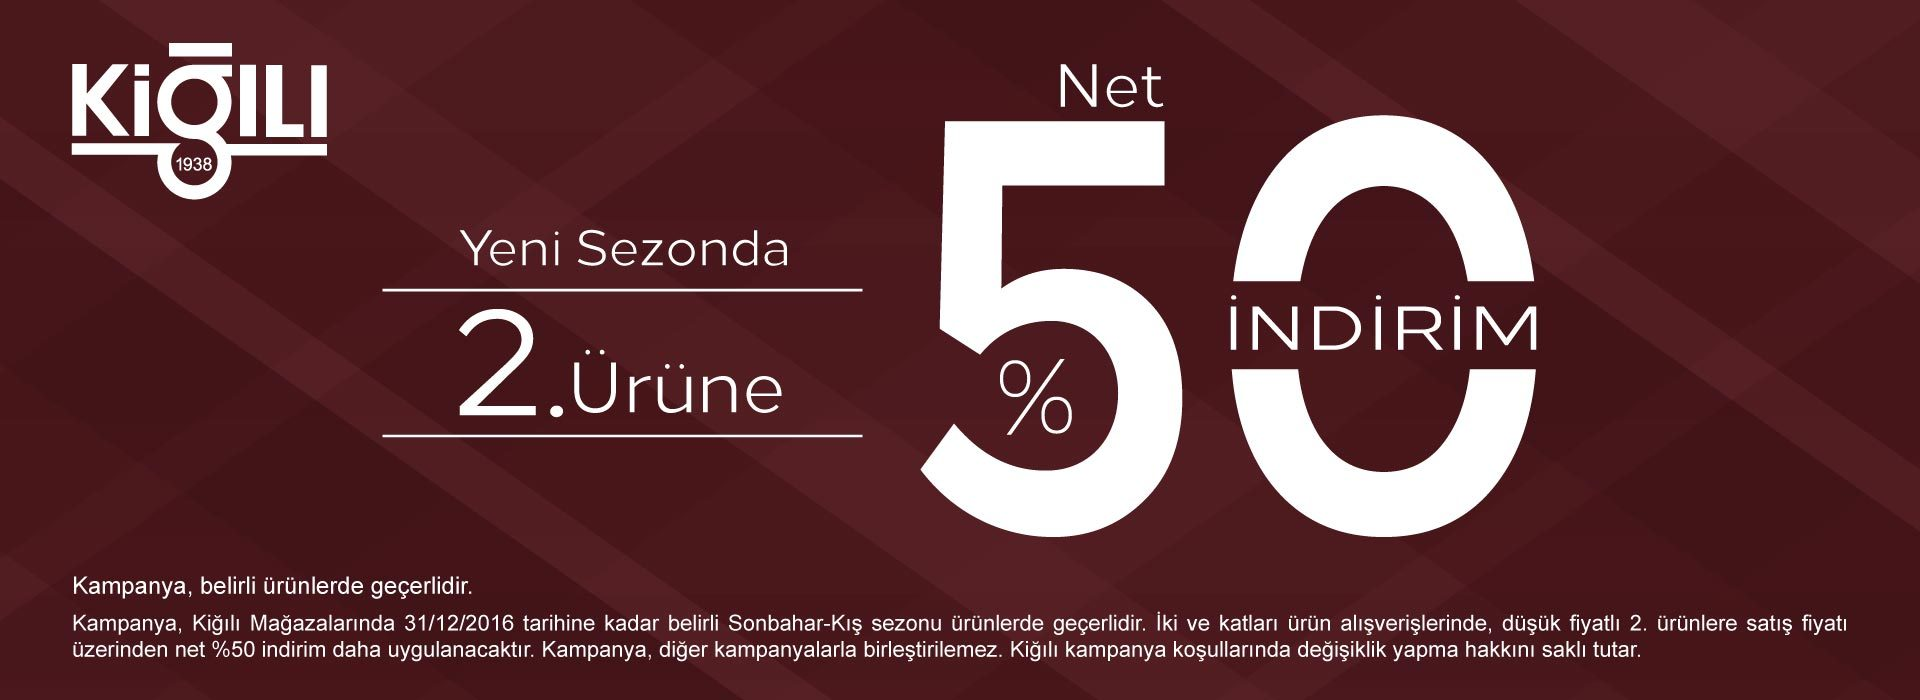 Kiğılı - Yeni Sezonda 2. Ürüne Net %50 İndirim